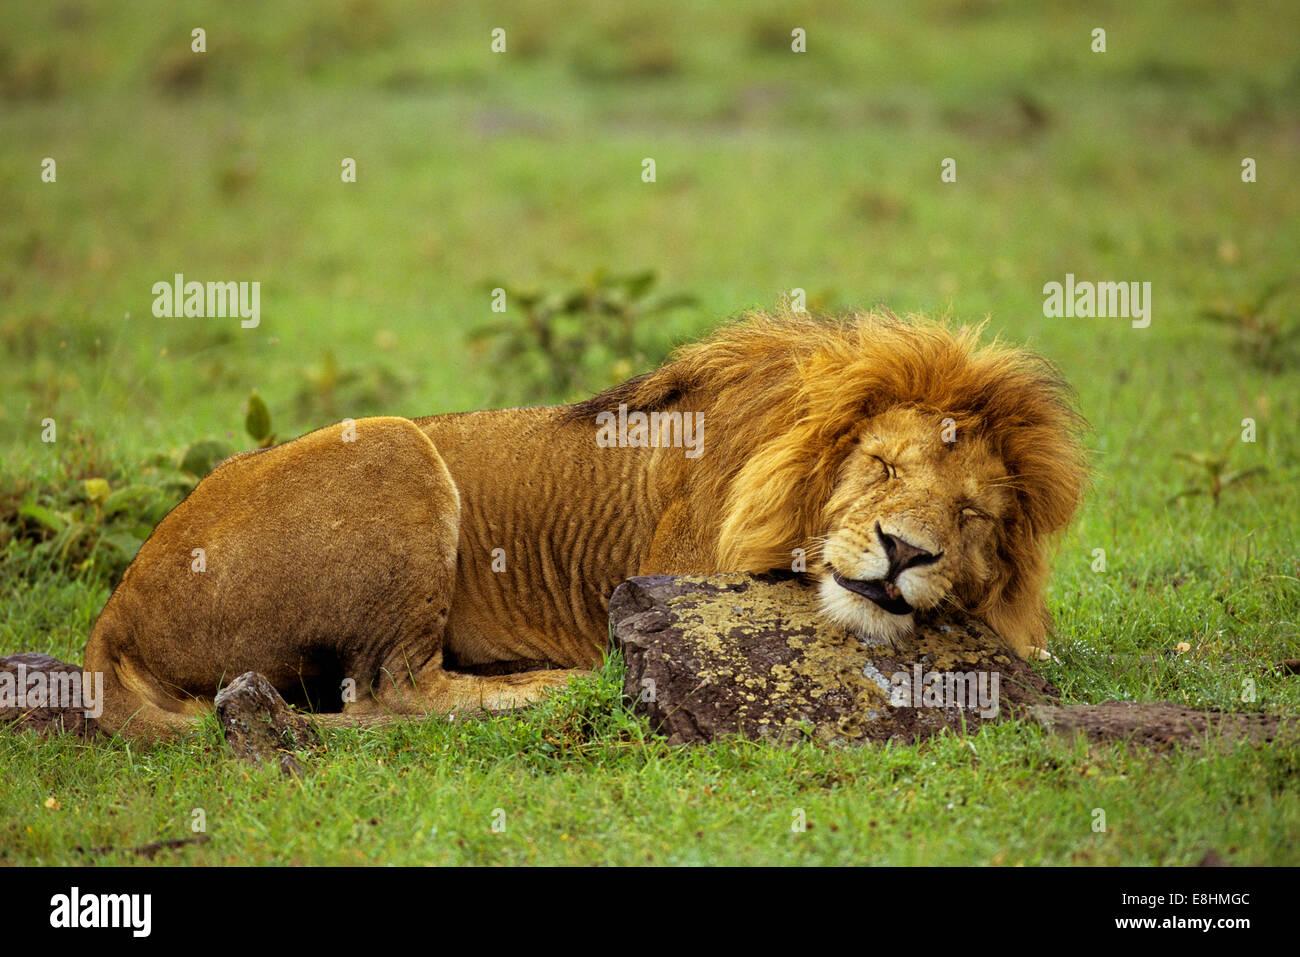 León macho durmiendo sobre roca Imagen De Stock